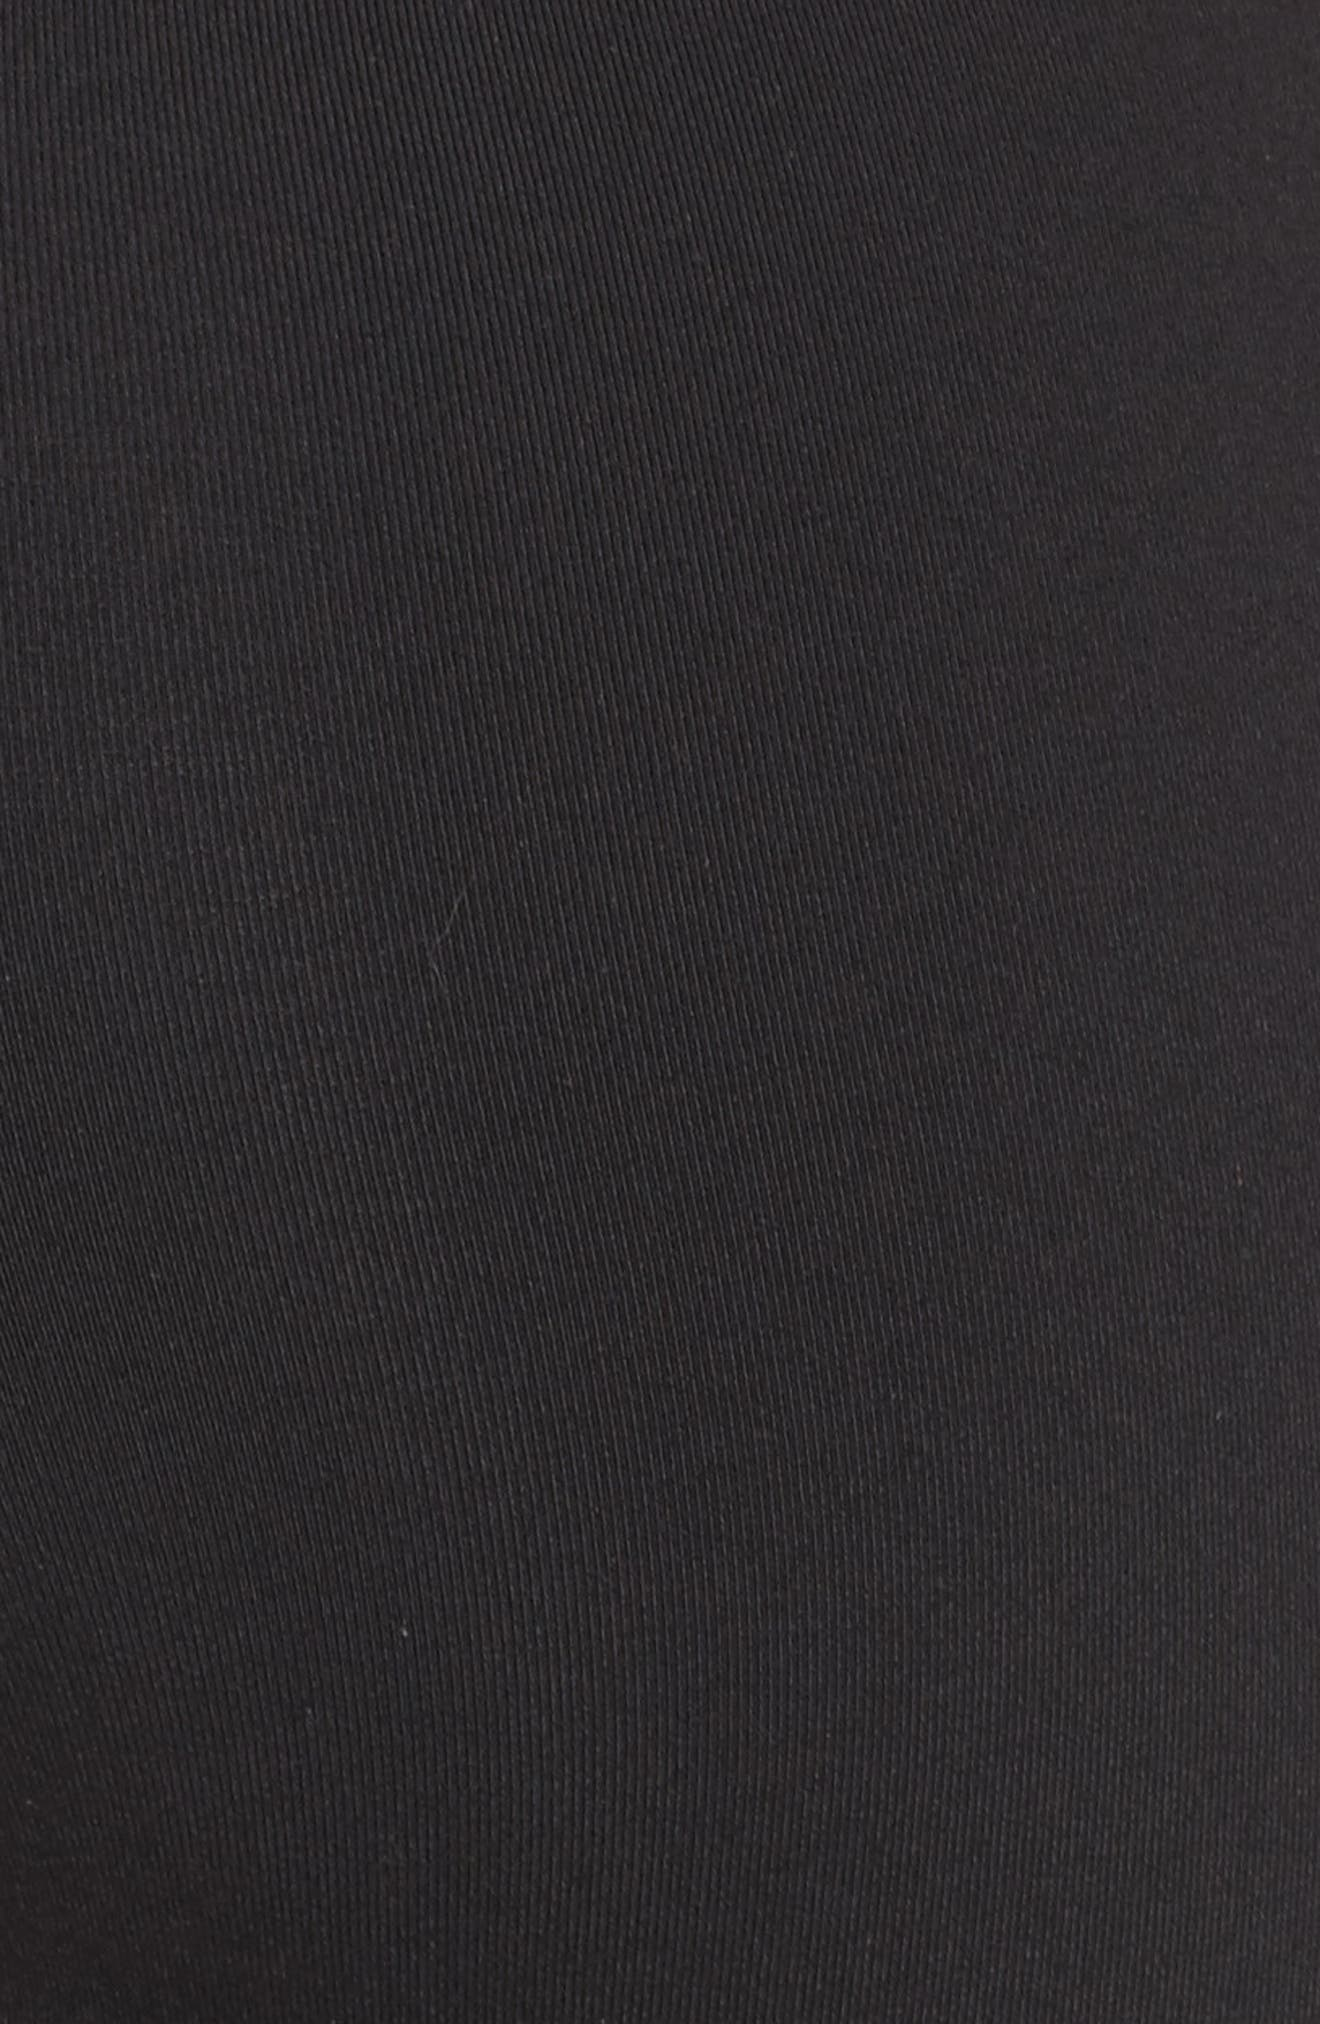 Ultimate High Waist Leggings,                             Alternate thumbnail 6, color,                             BLACK